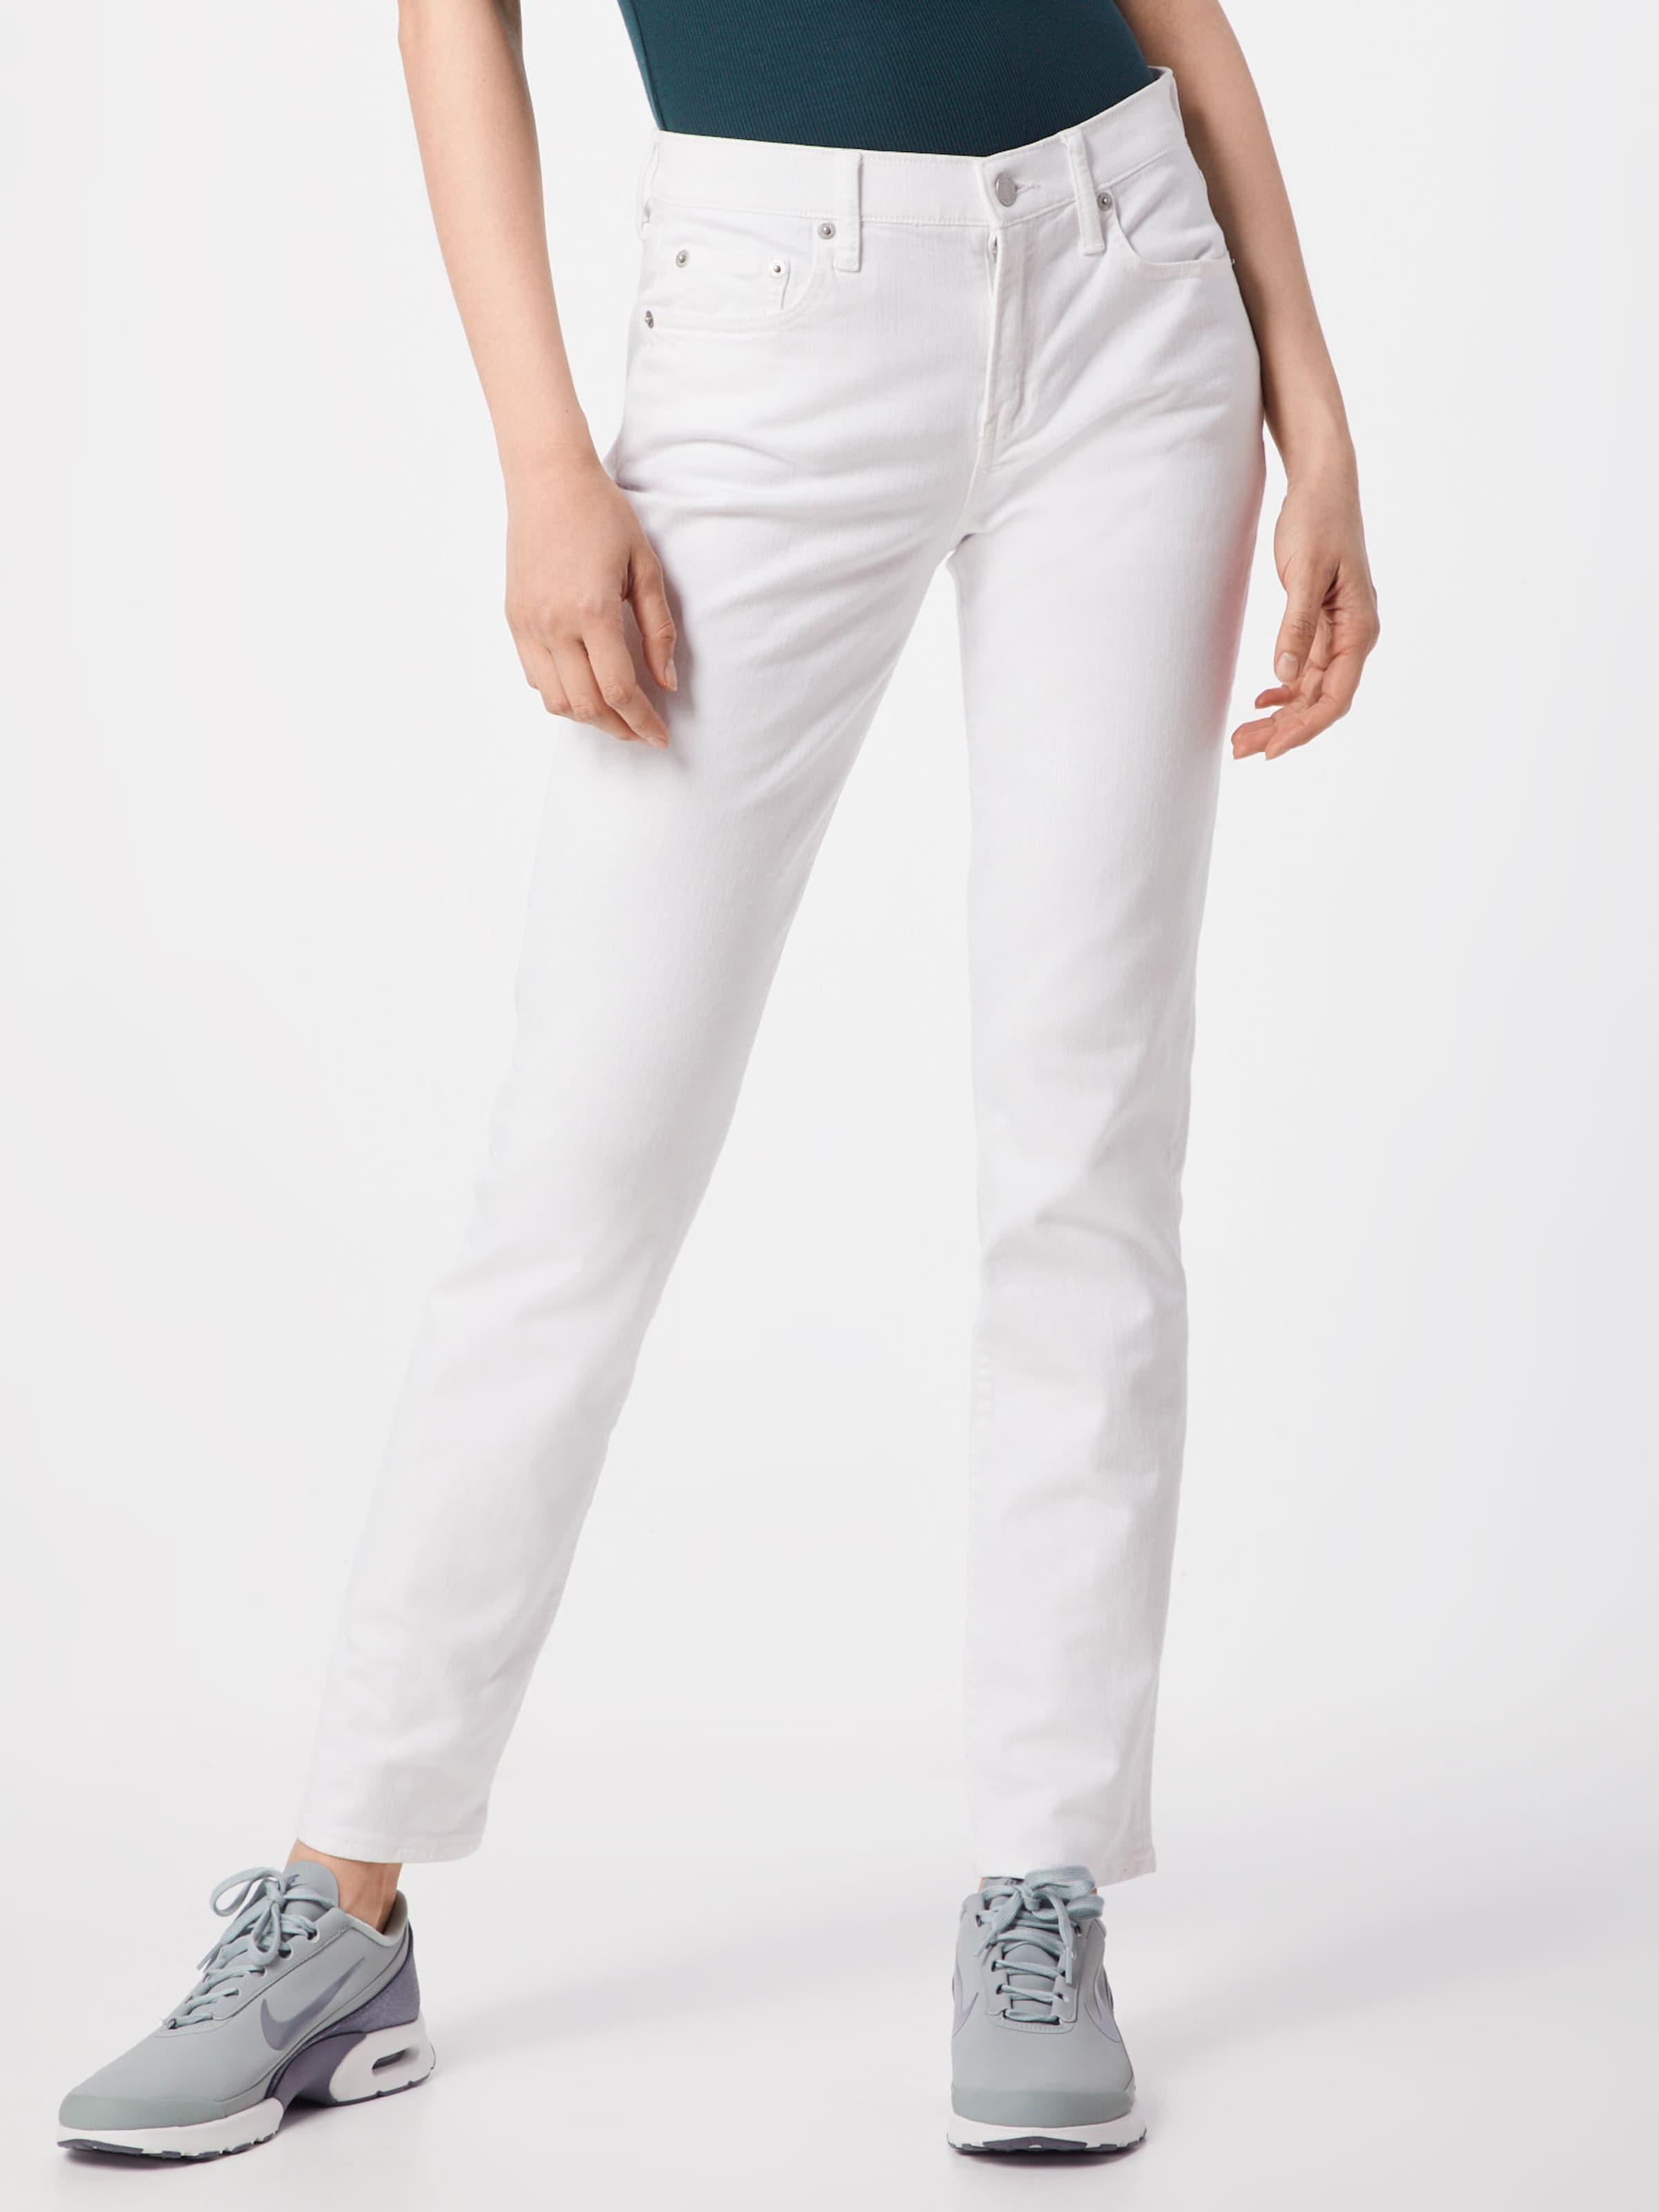 White' Jeans Weiß Gap Strght 'cl Optic In eDIWE2YbH9